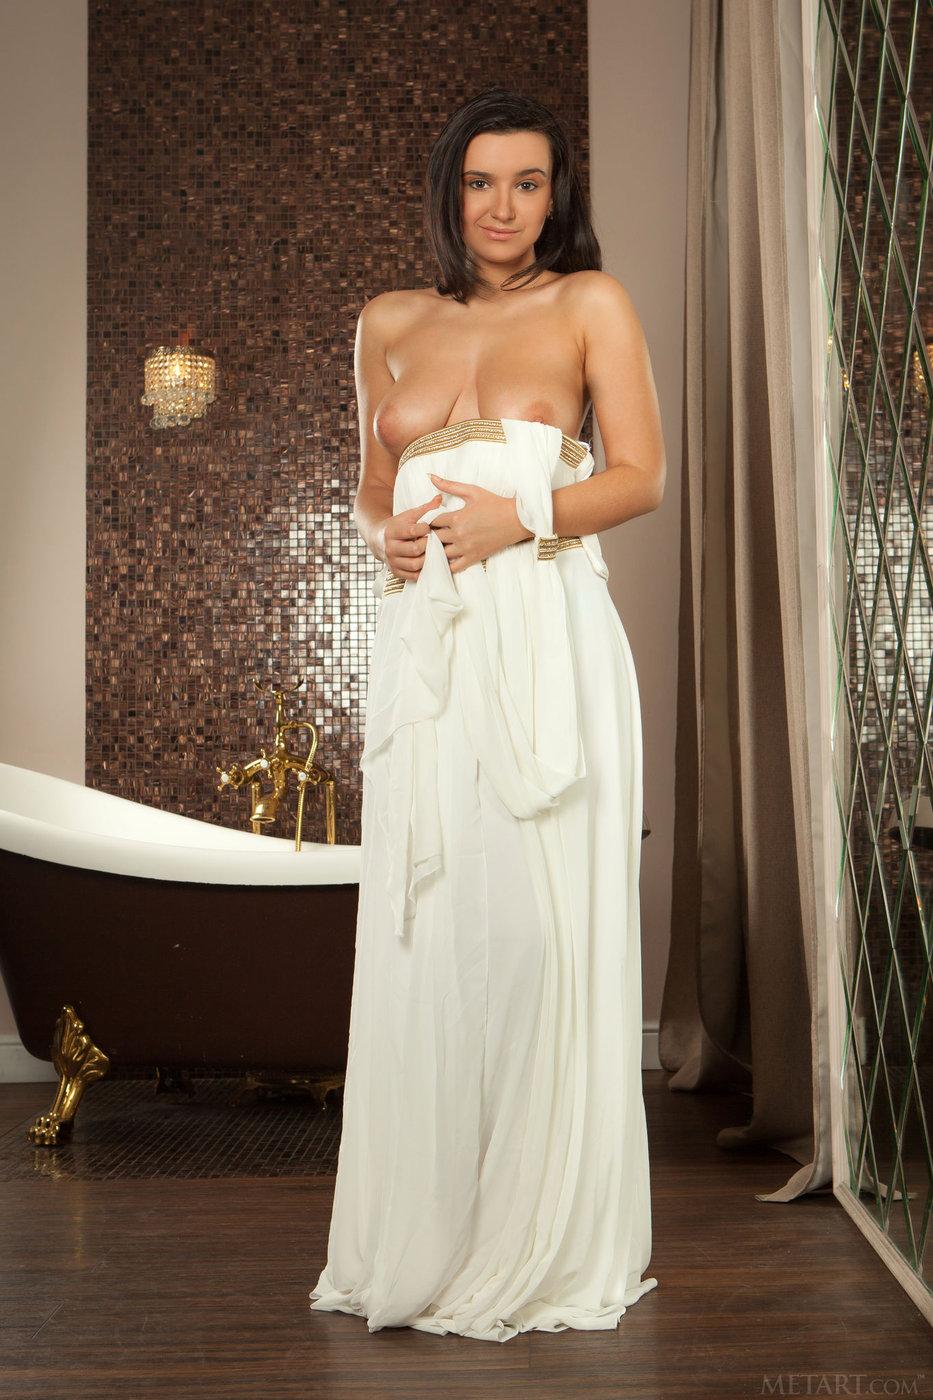 Hema malini bikani and nude image